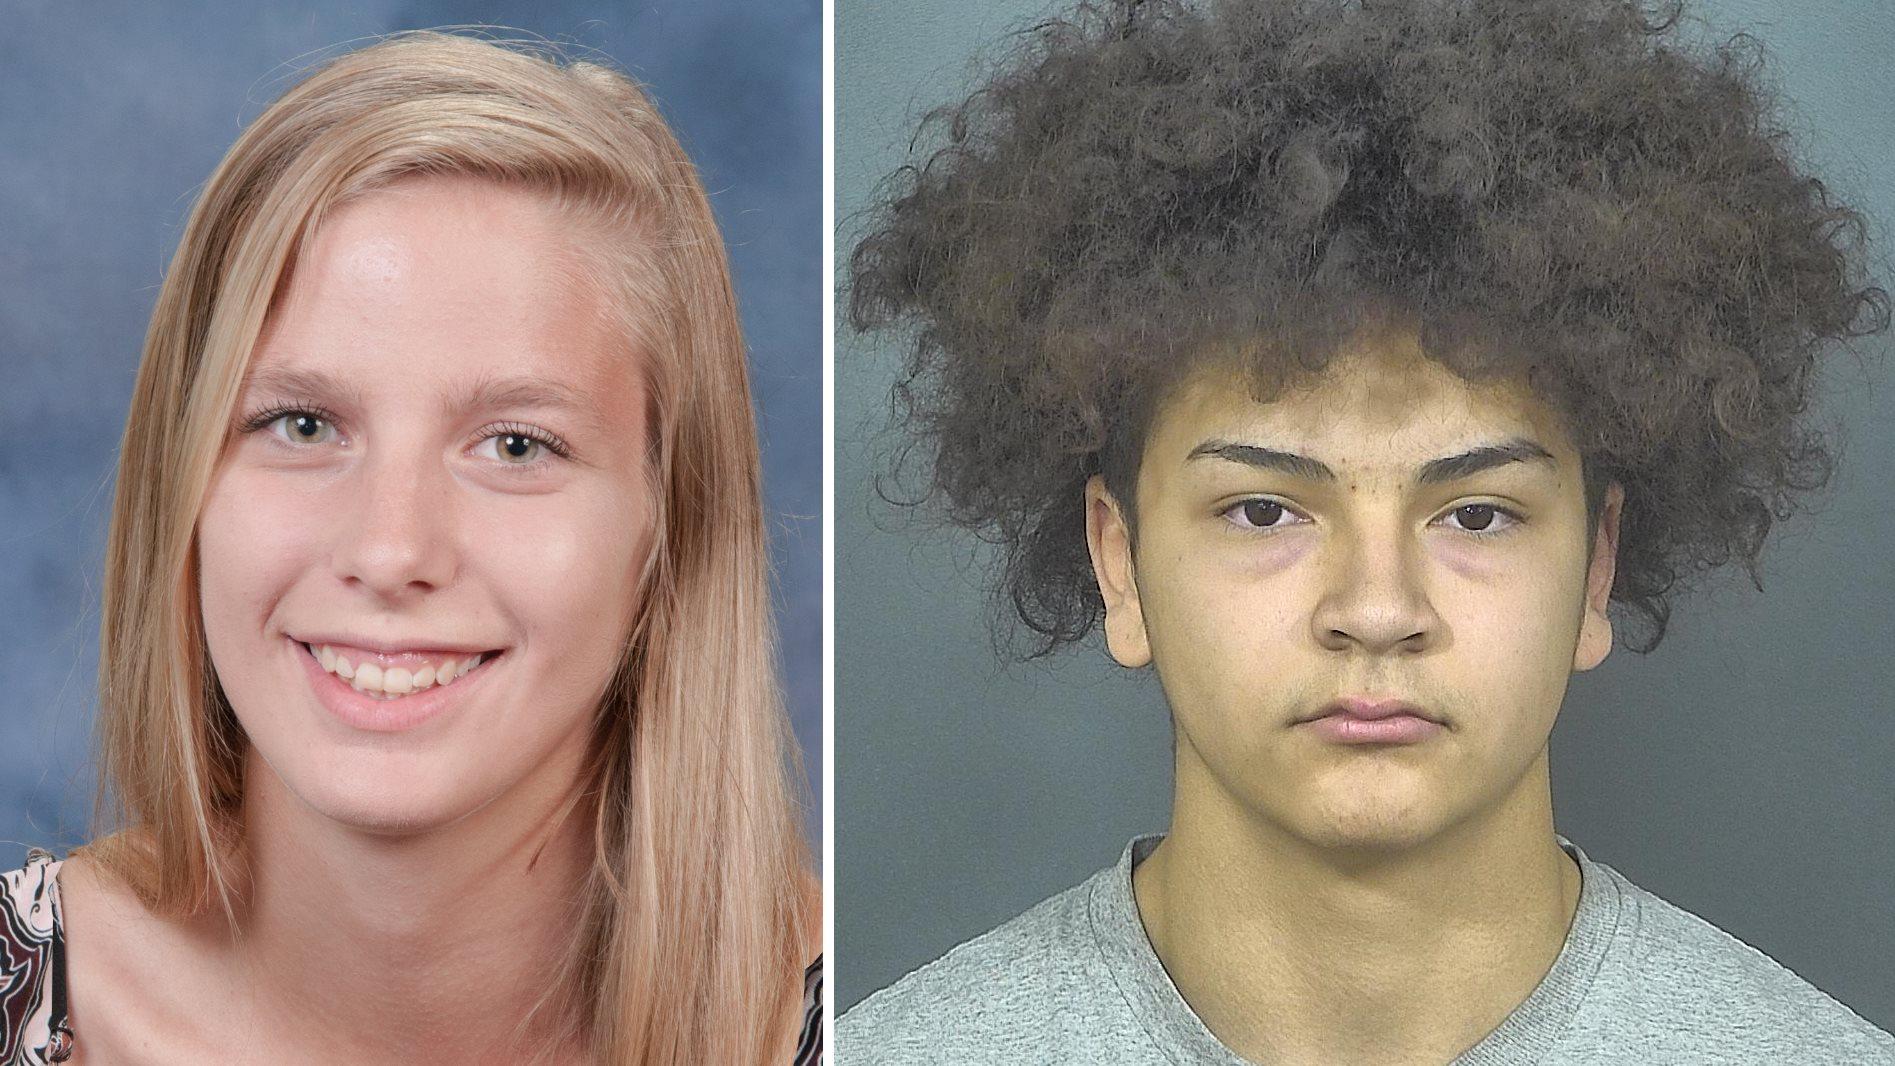 Indiana: 17-latek przyznał się do zamordowania swojej dziewczyny w ciąży